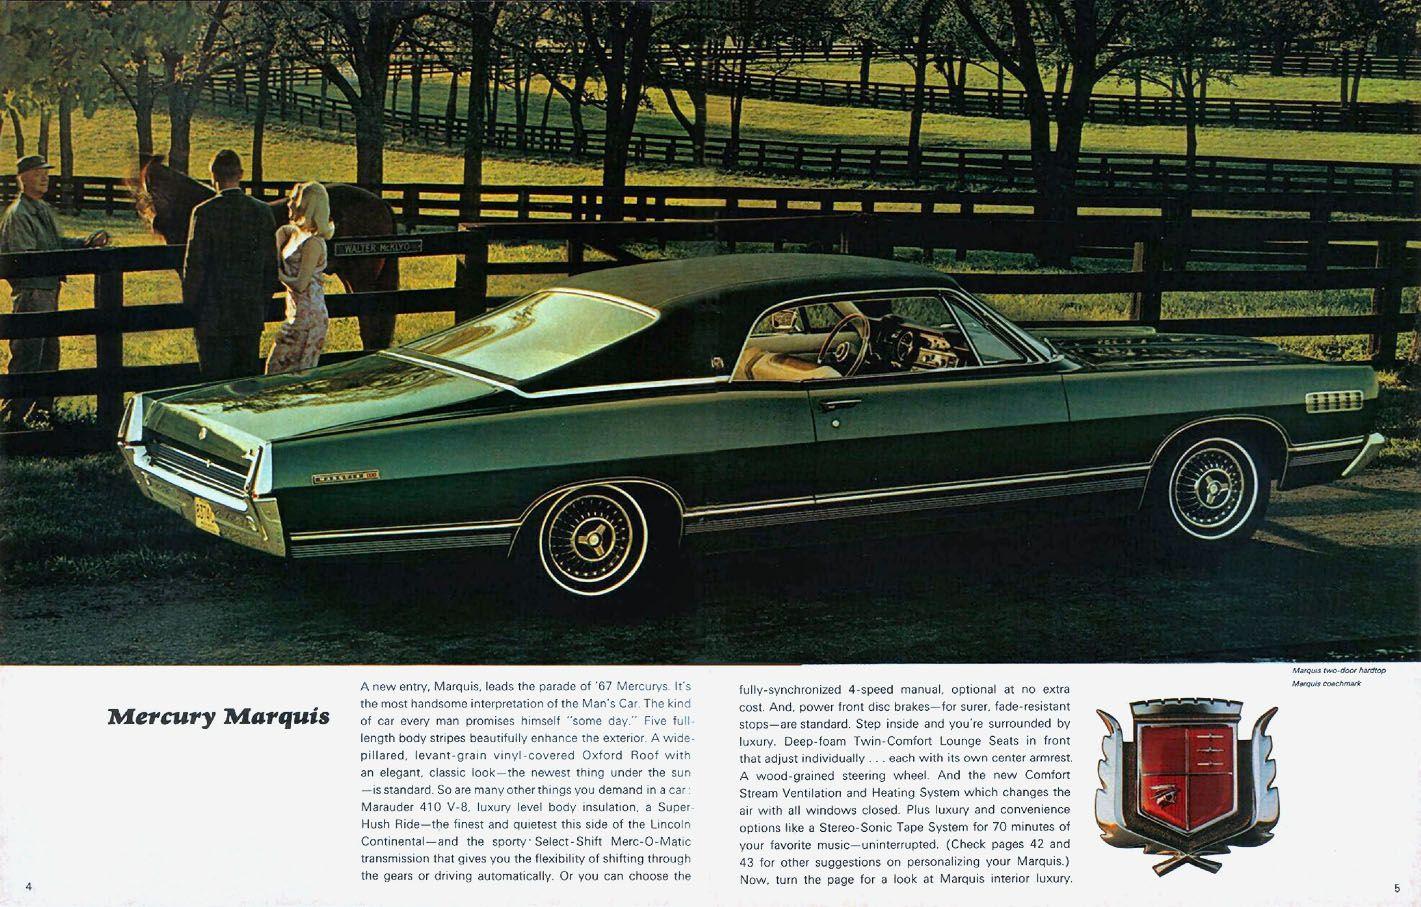 1967 Mercury Marquis Two Door Hardtop.